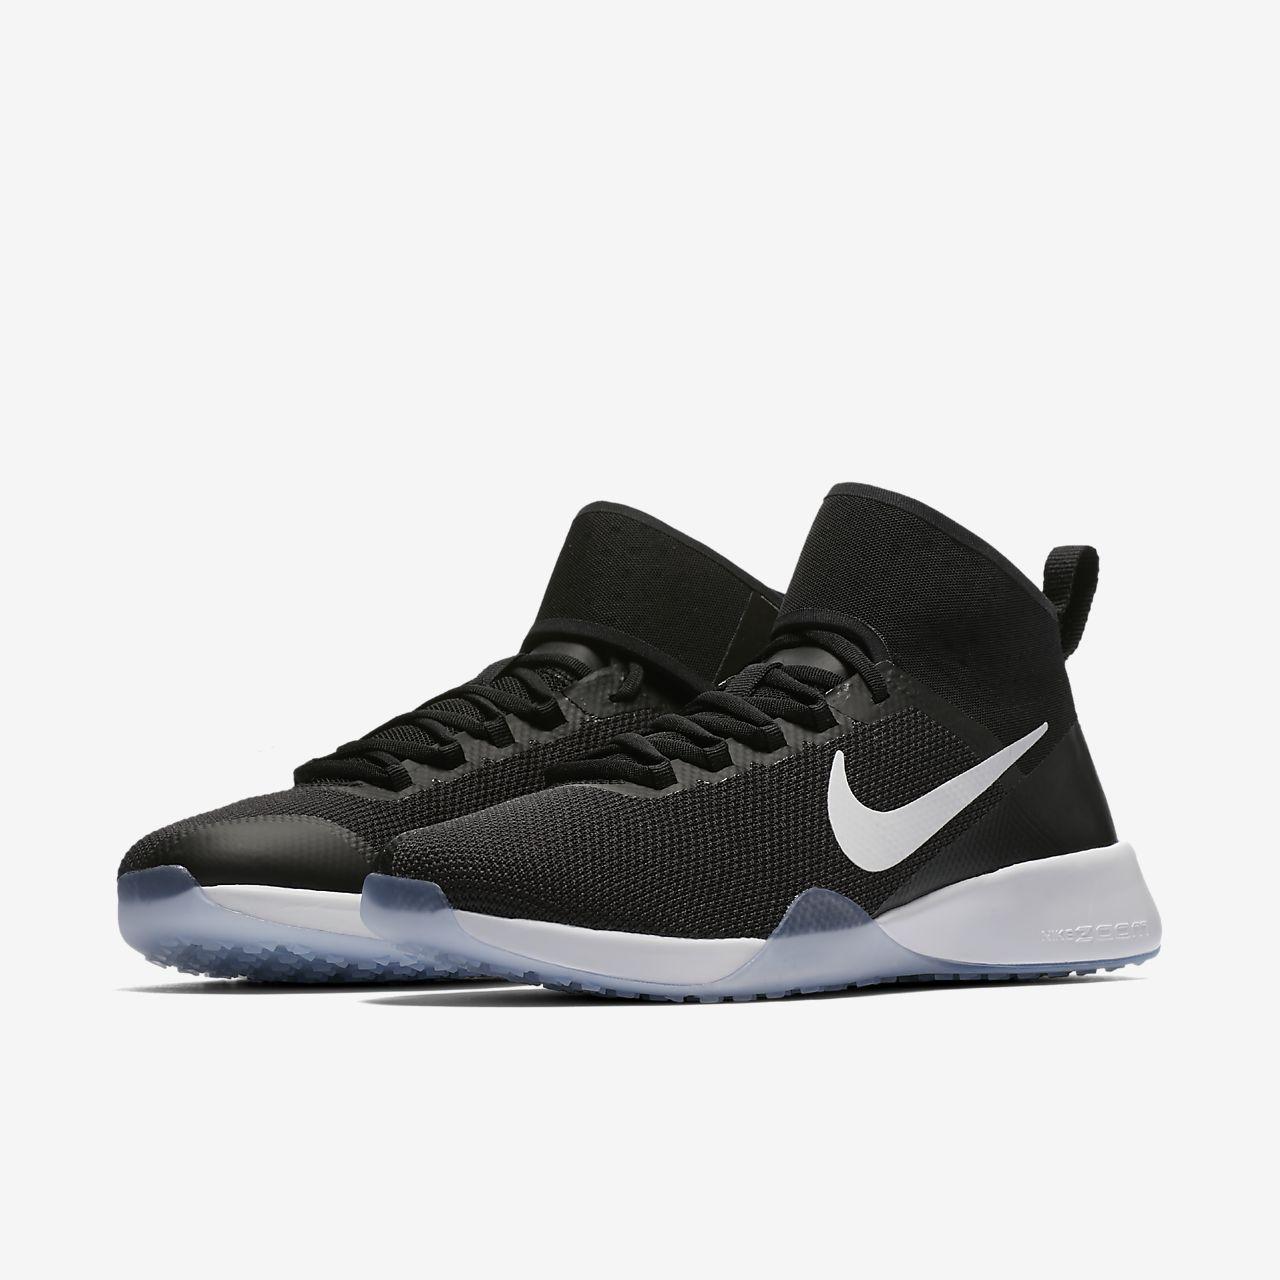 D'entraînement Zoom 2 Nike Chaussure Et Pour Femme De Air Bootcamp IYeE2DH9W